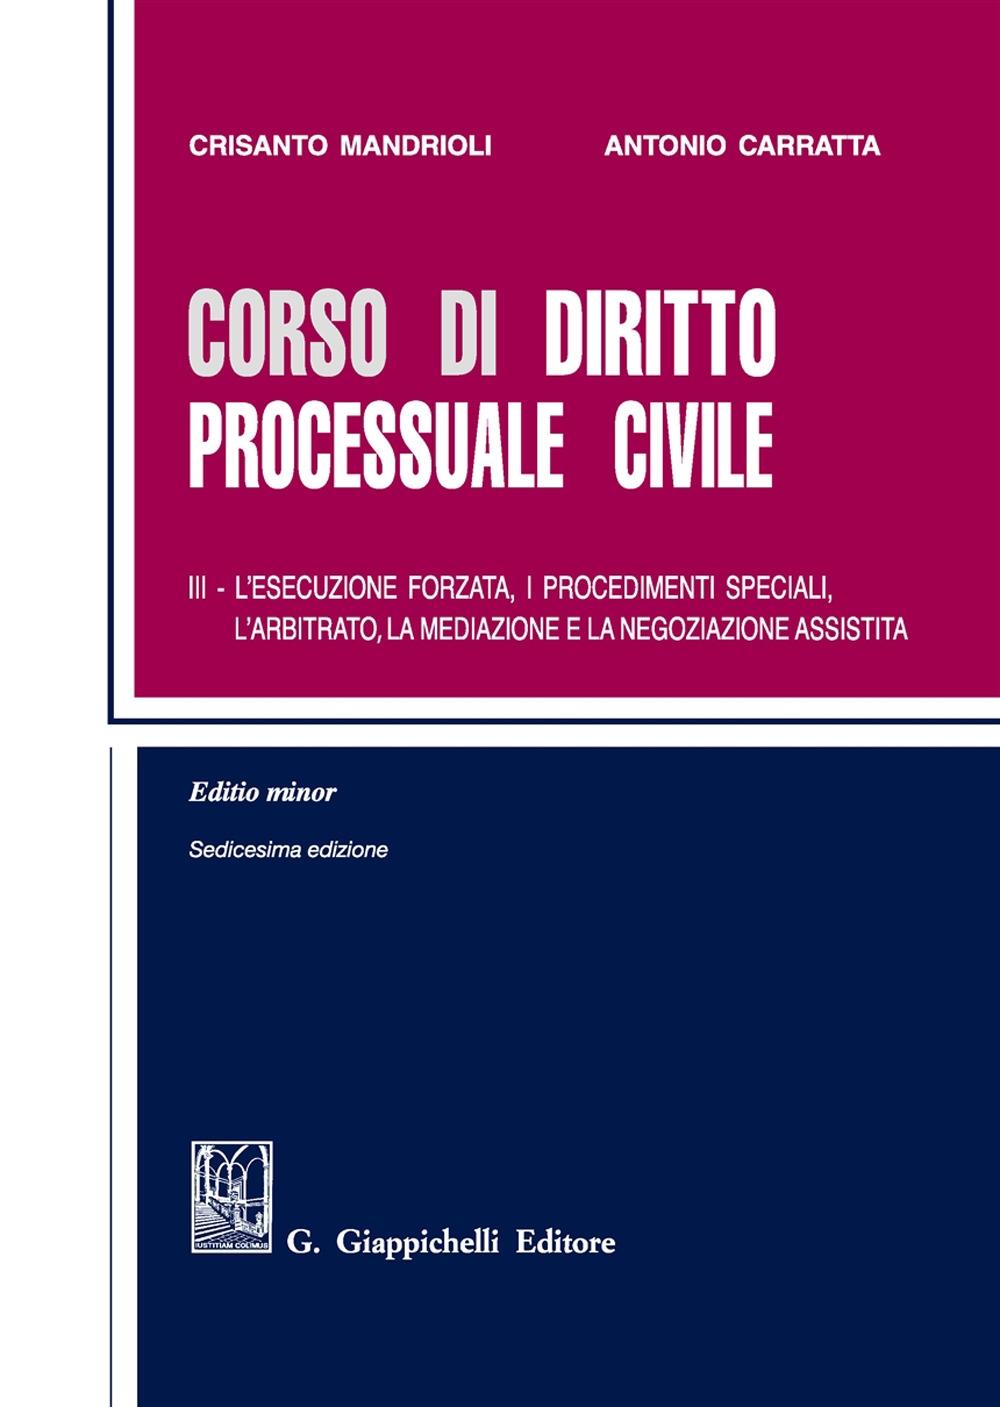 Corso di diritto processuale civile. Ediz. minore. Vol. 3: L' esecuzione forzata, i procedimenti speciali, l'arbitrato, la mediazione e la negoziazione assistita